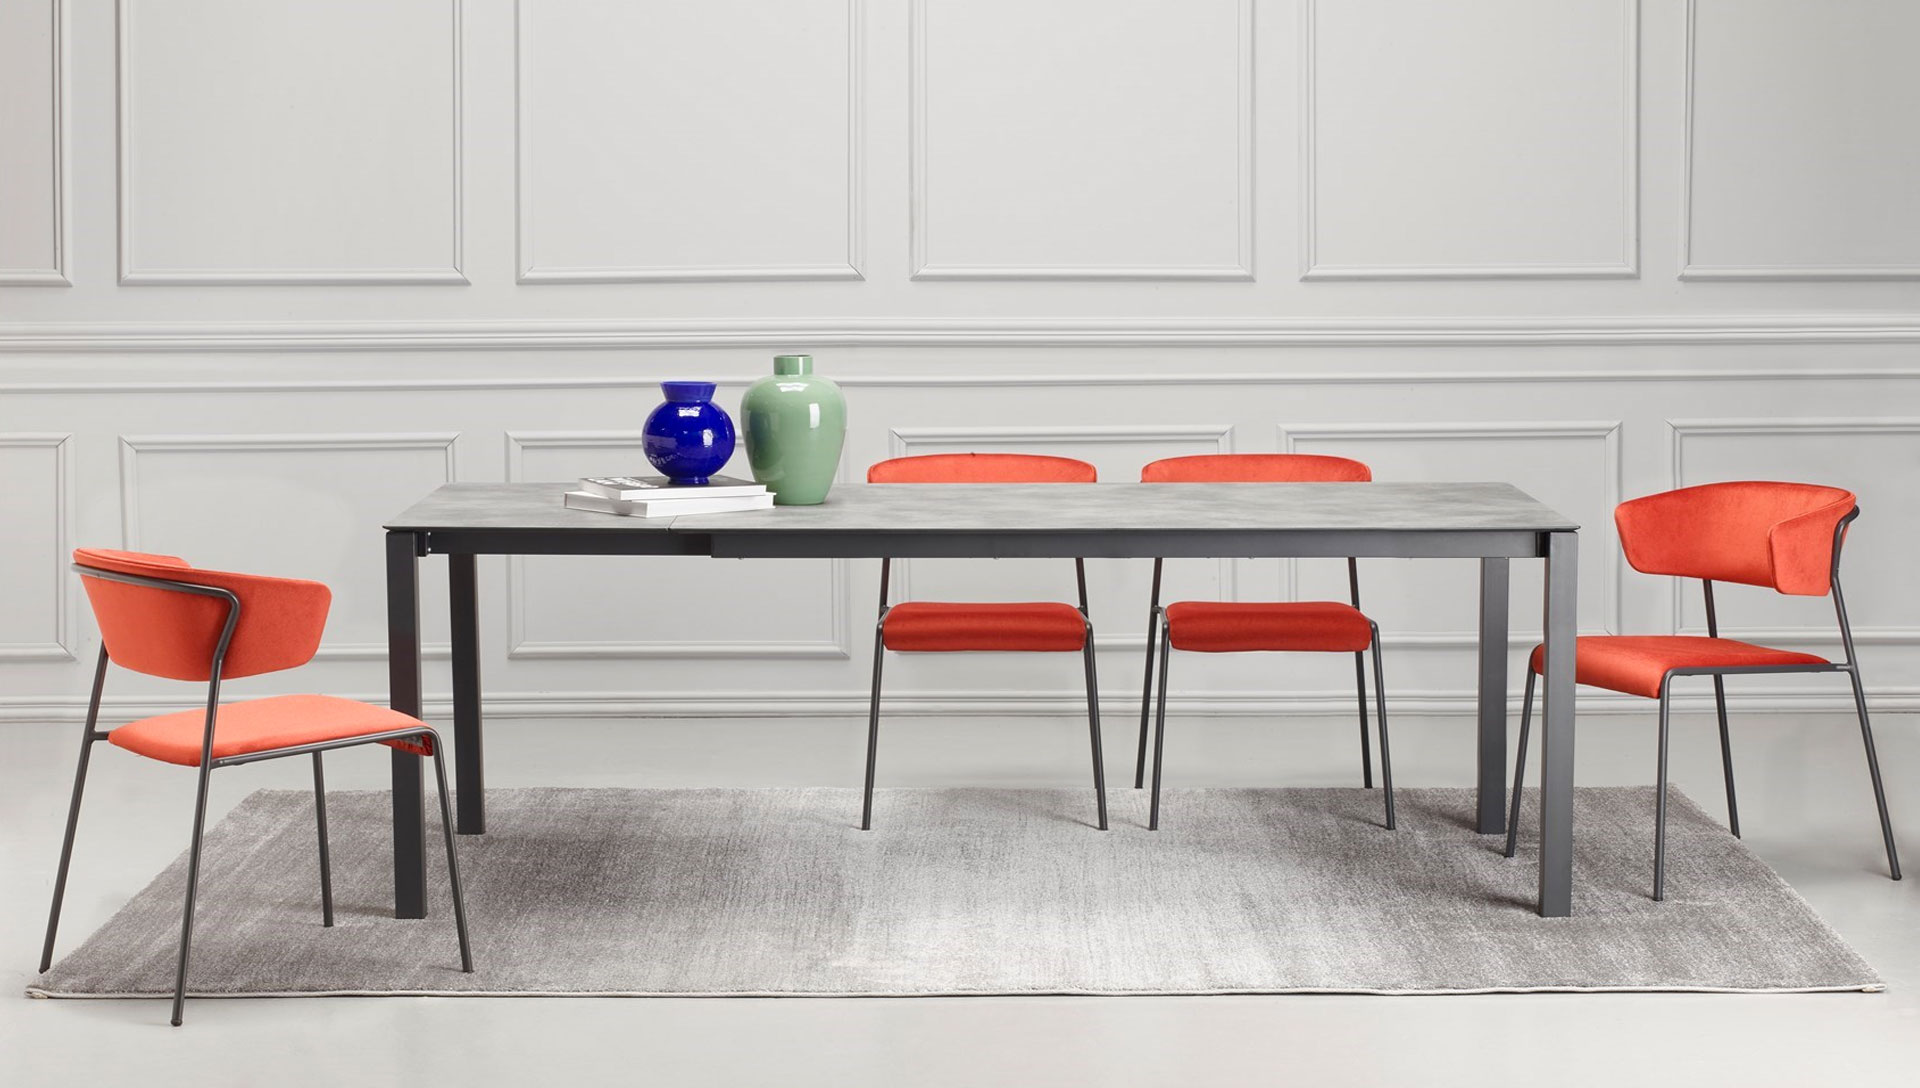 zona-giorno-scab-design-comodus-arredamenti-nicoletti-interni-interior-design-divani-complementi-arredo-mobili-design-accessori-matera